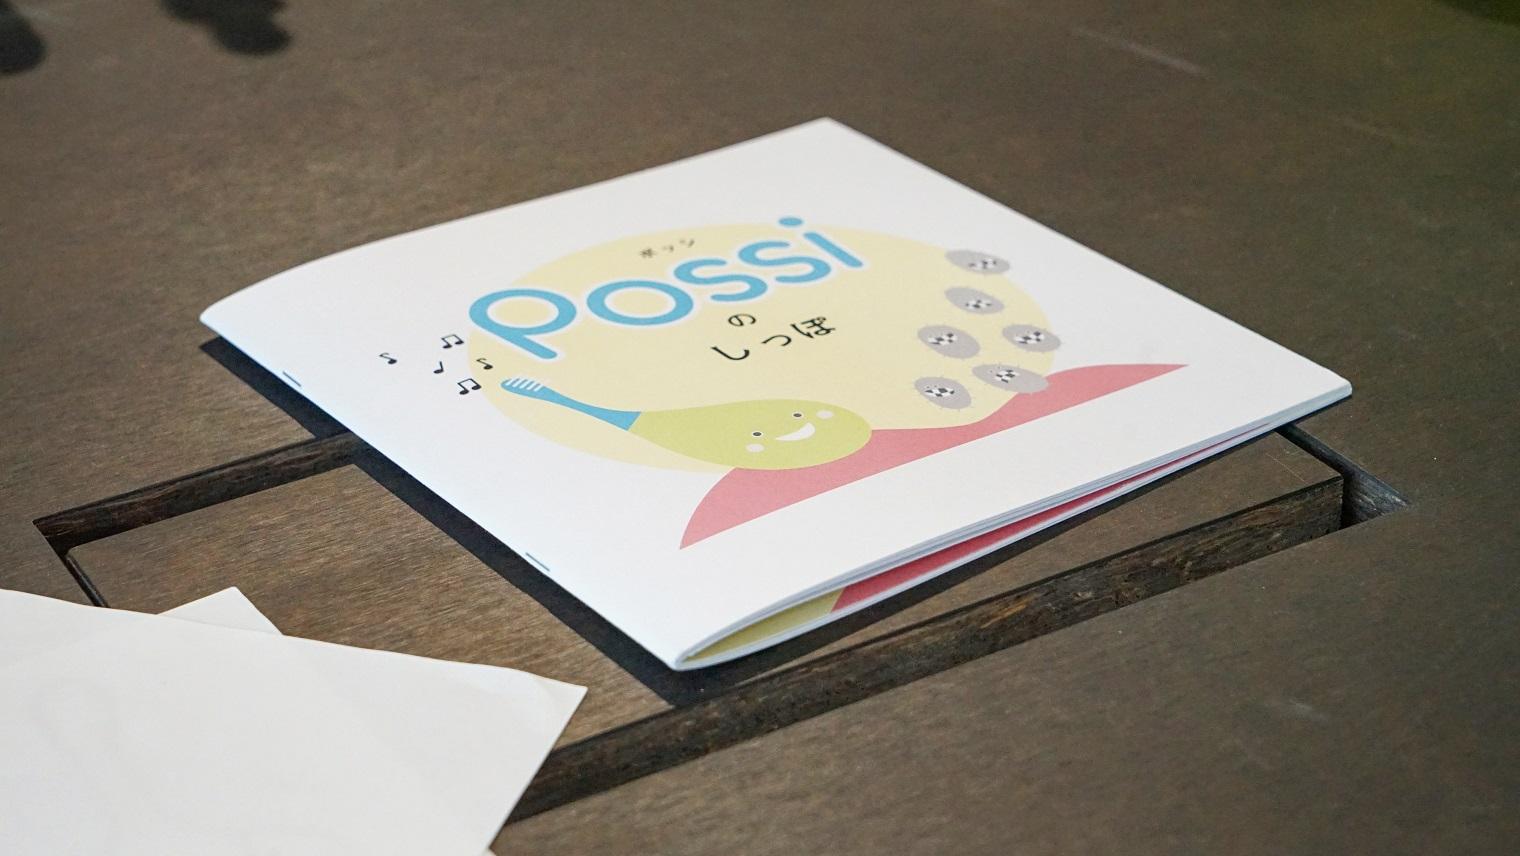 Possiの世界観を表現する絵本